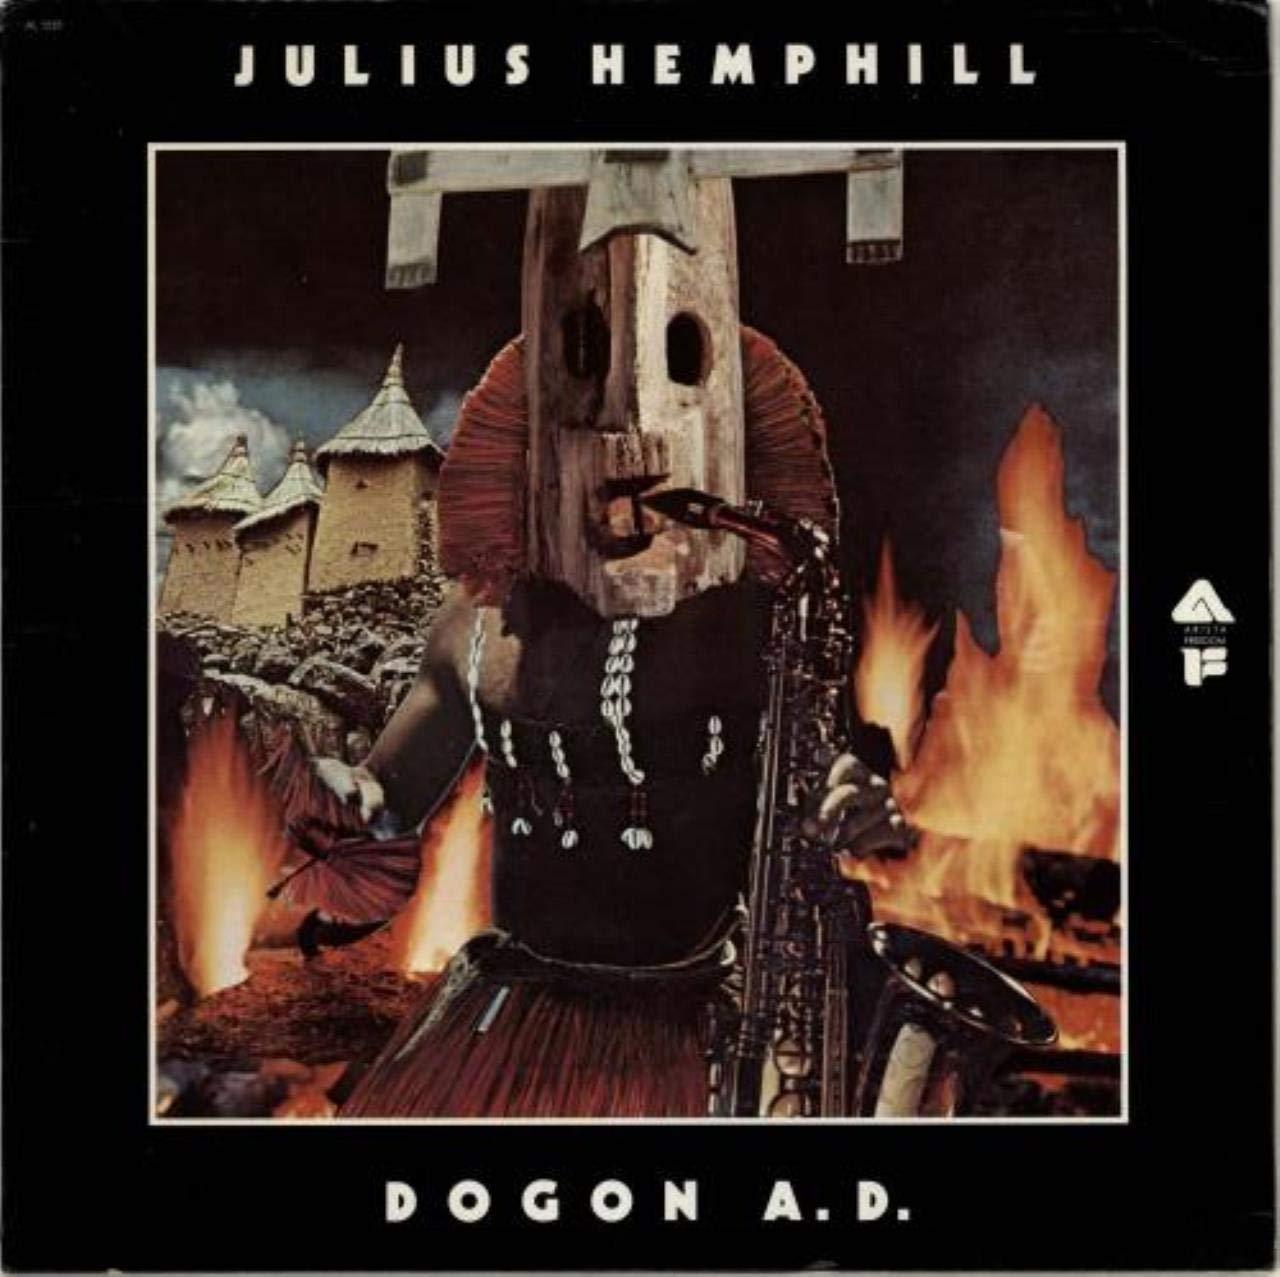 julius hemphill dogon ad